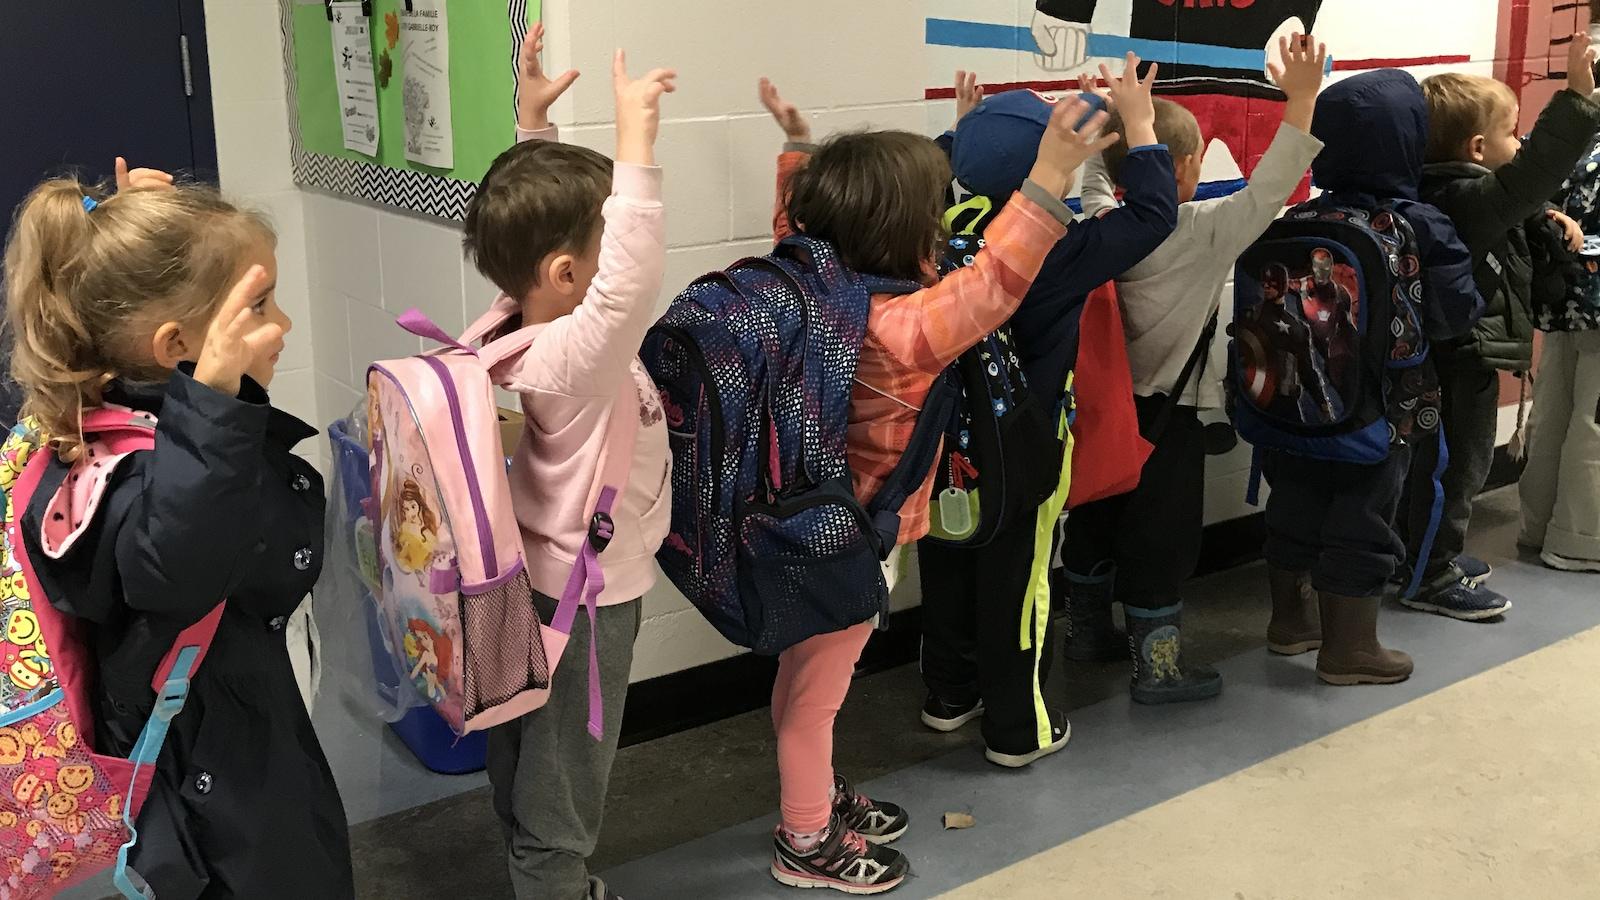 Des enfants font la file.